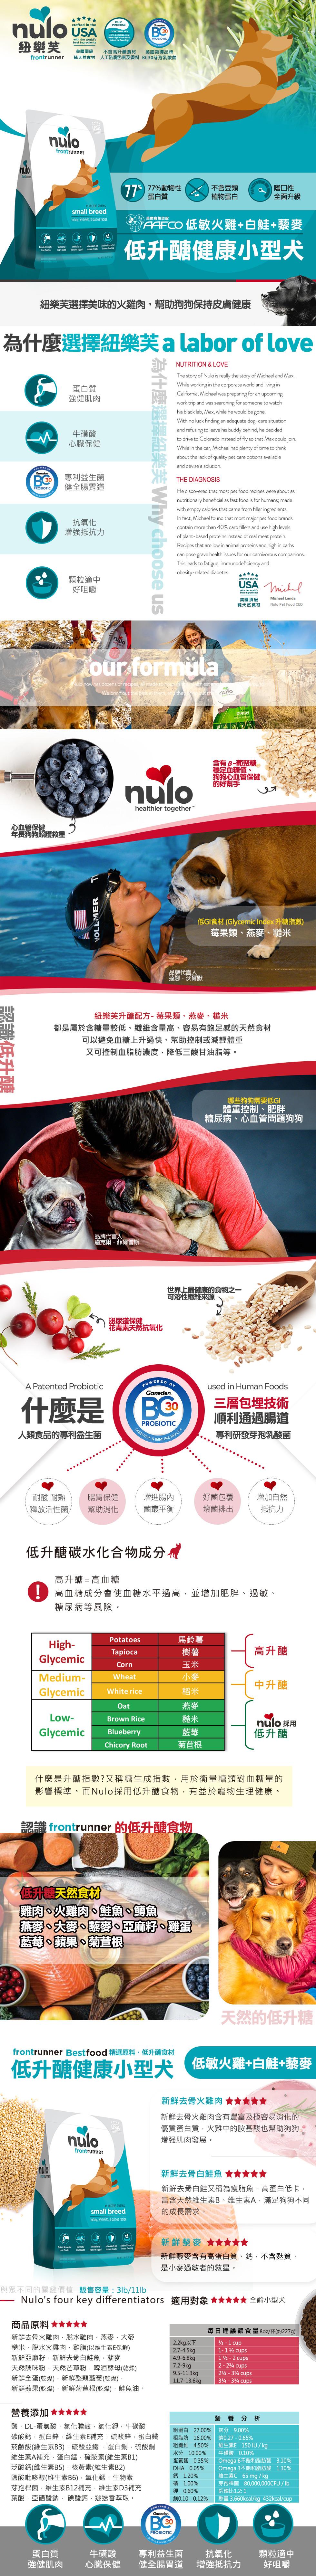 紐樂芙低升醣-健康犬+火雞白鮭2021.jpg